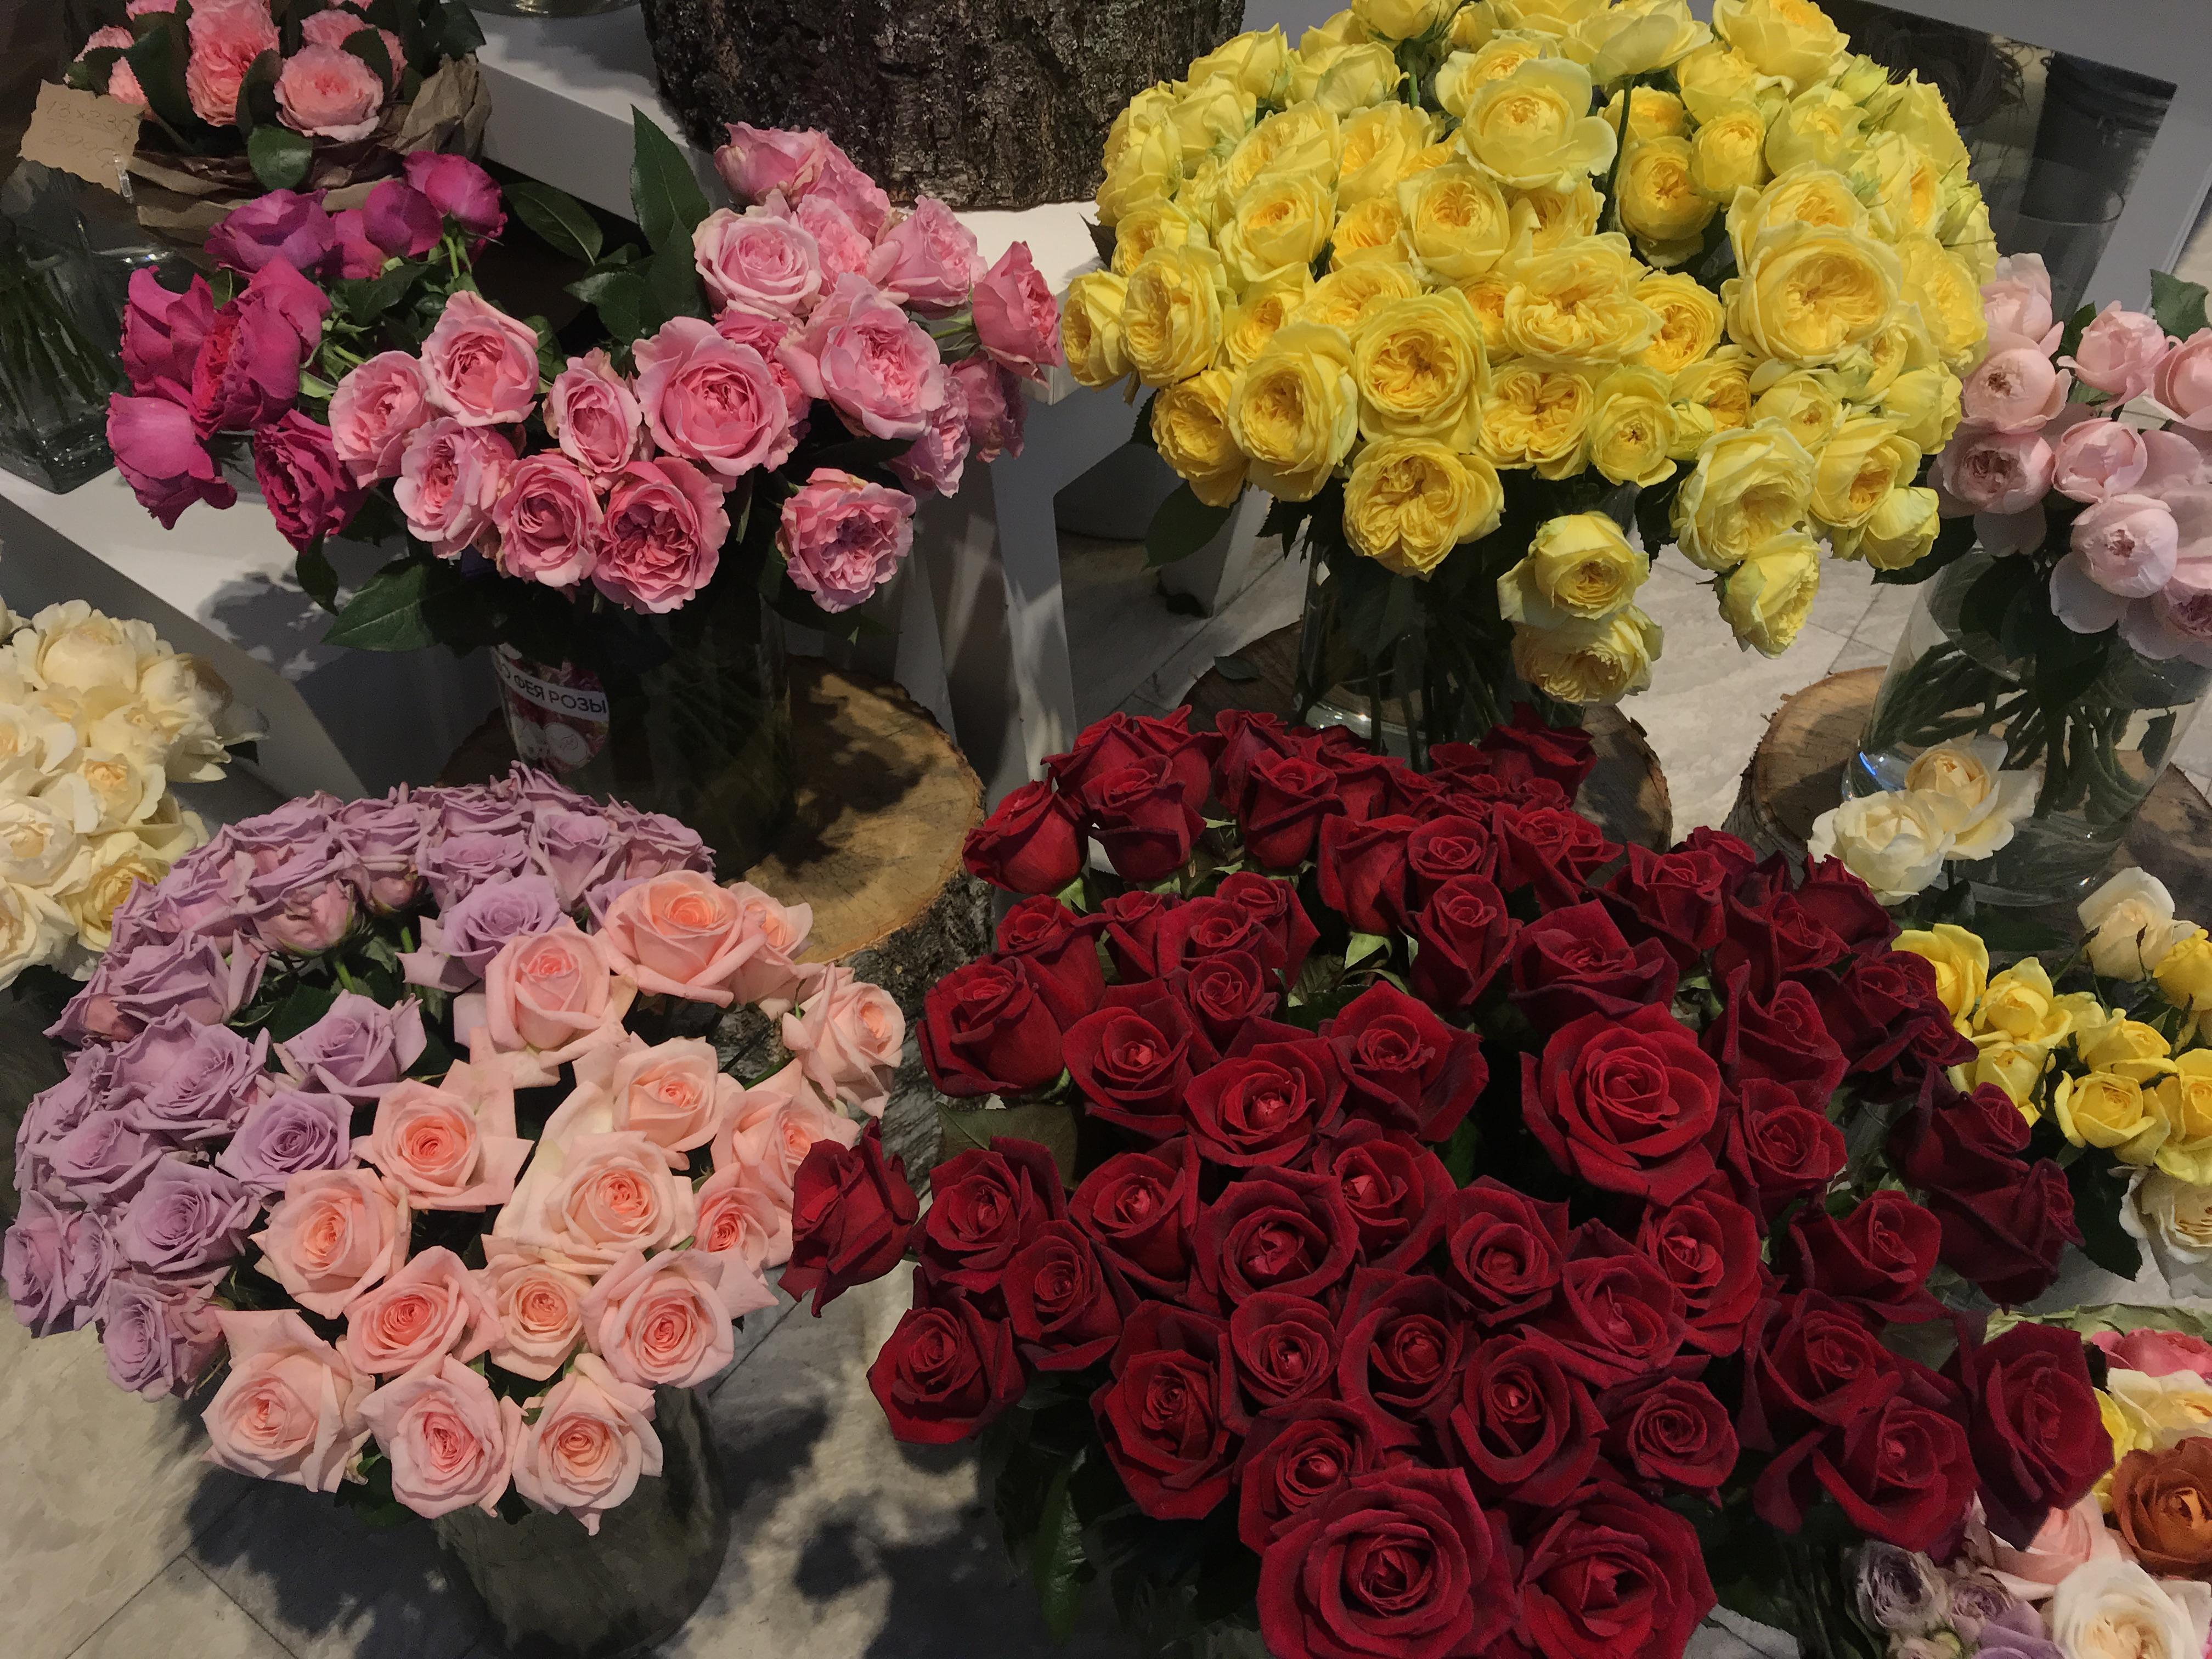 Цветочный магазин цена букет розы киев киевская, букеты голубом оформлении